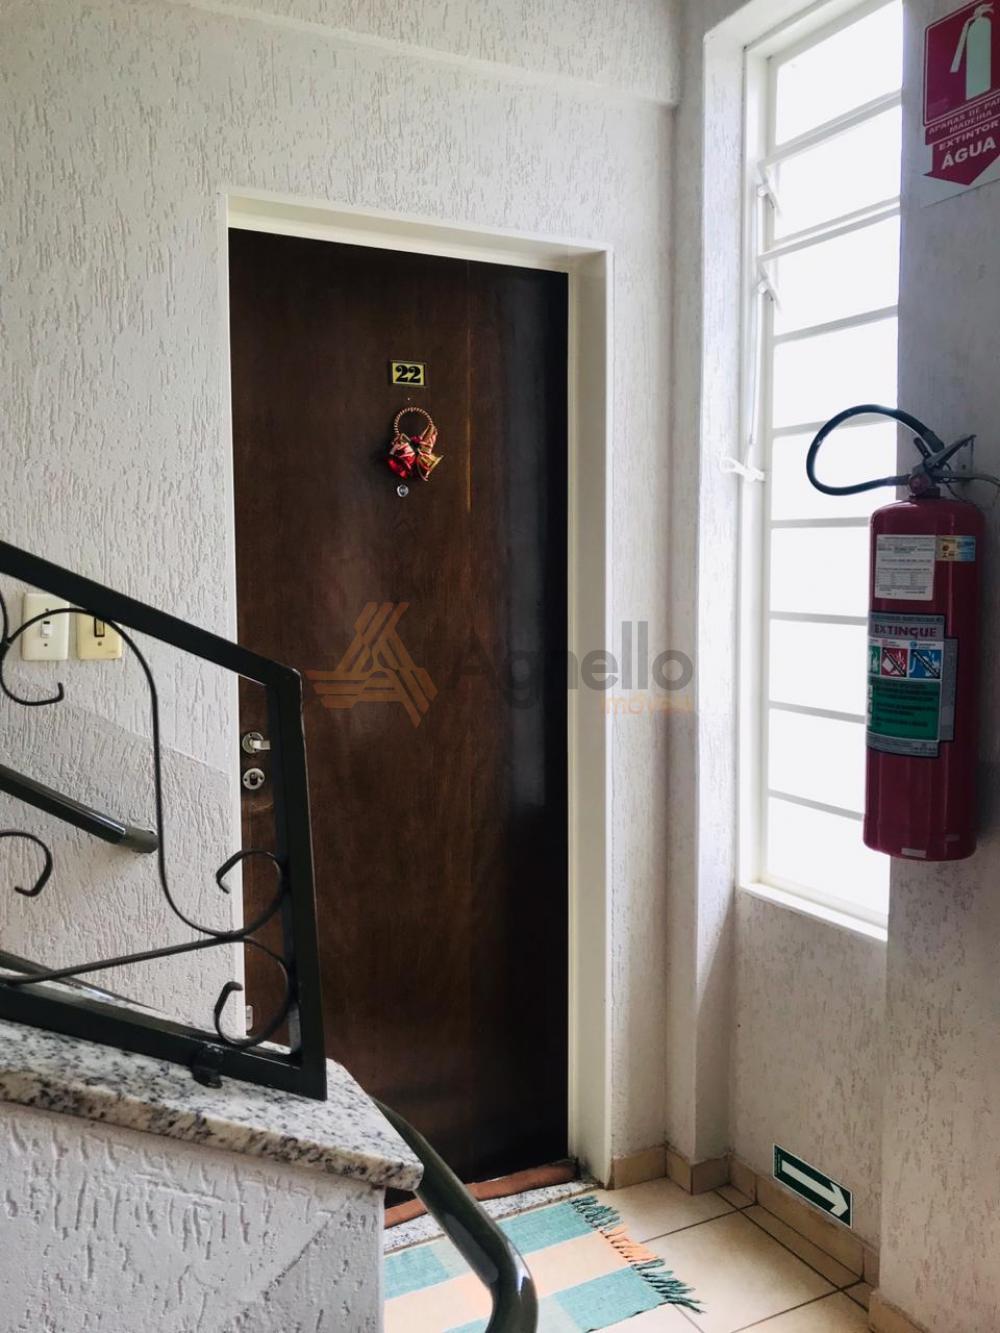 Comprar Apartamento / Padrão em Franca apenas R$ 210.000,00 - Foto 9